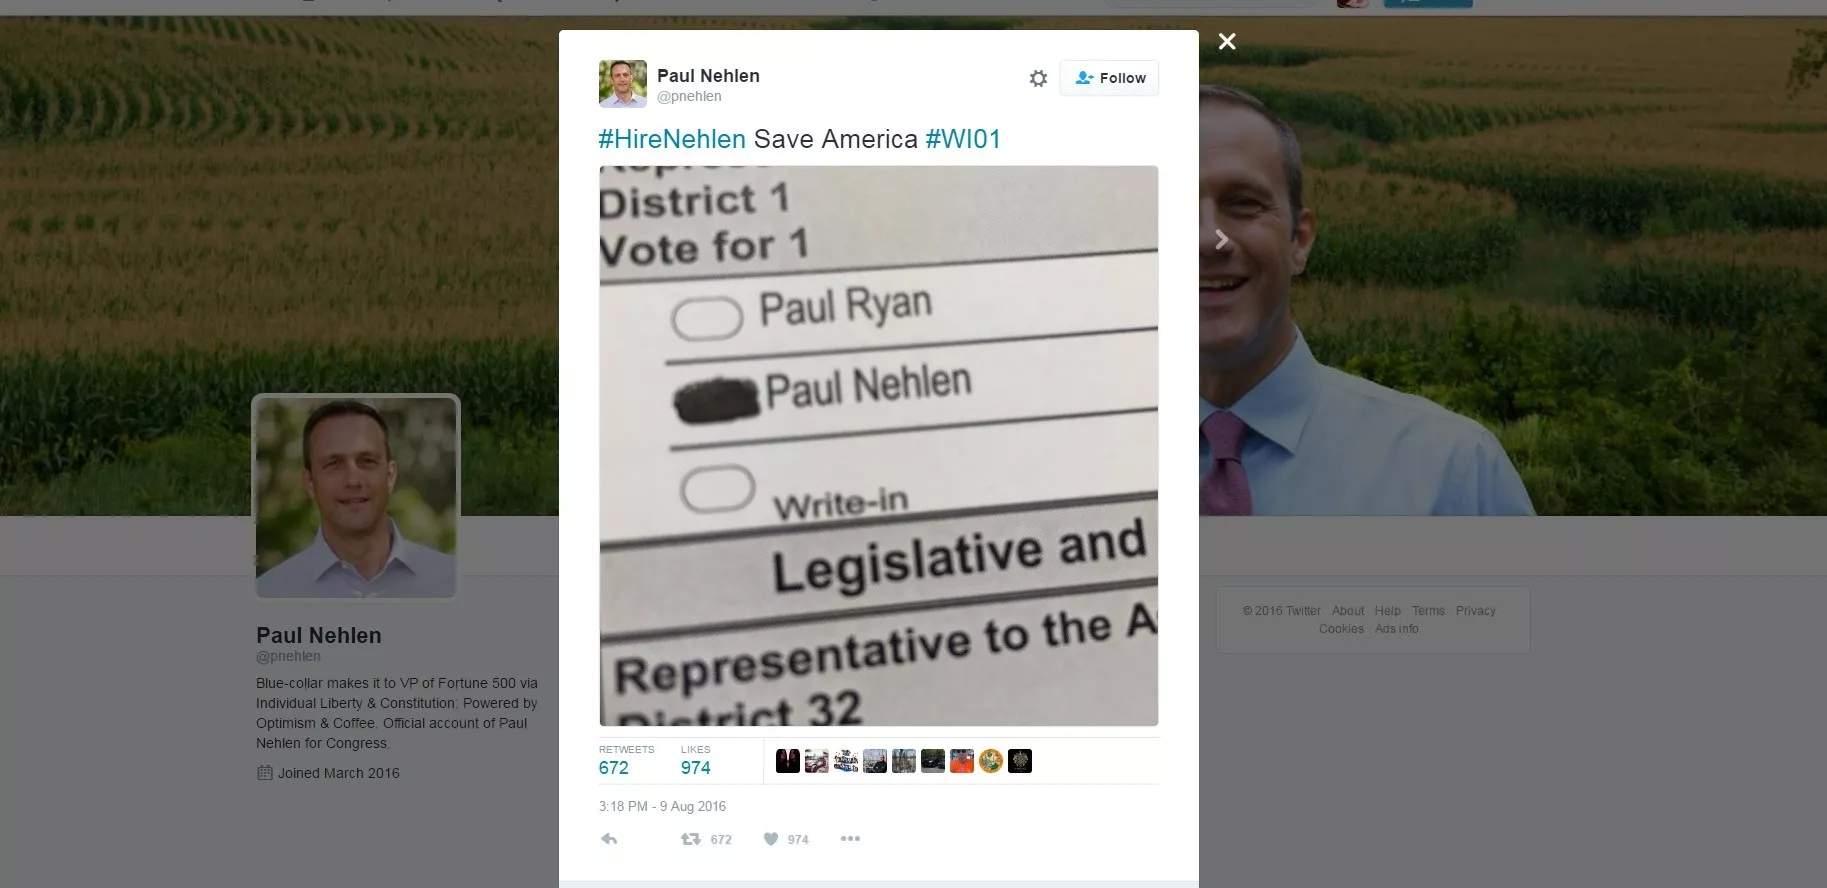 Paul Nehlen tweets